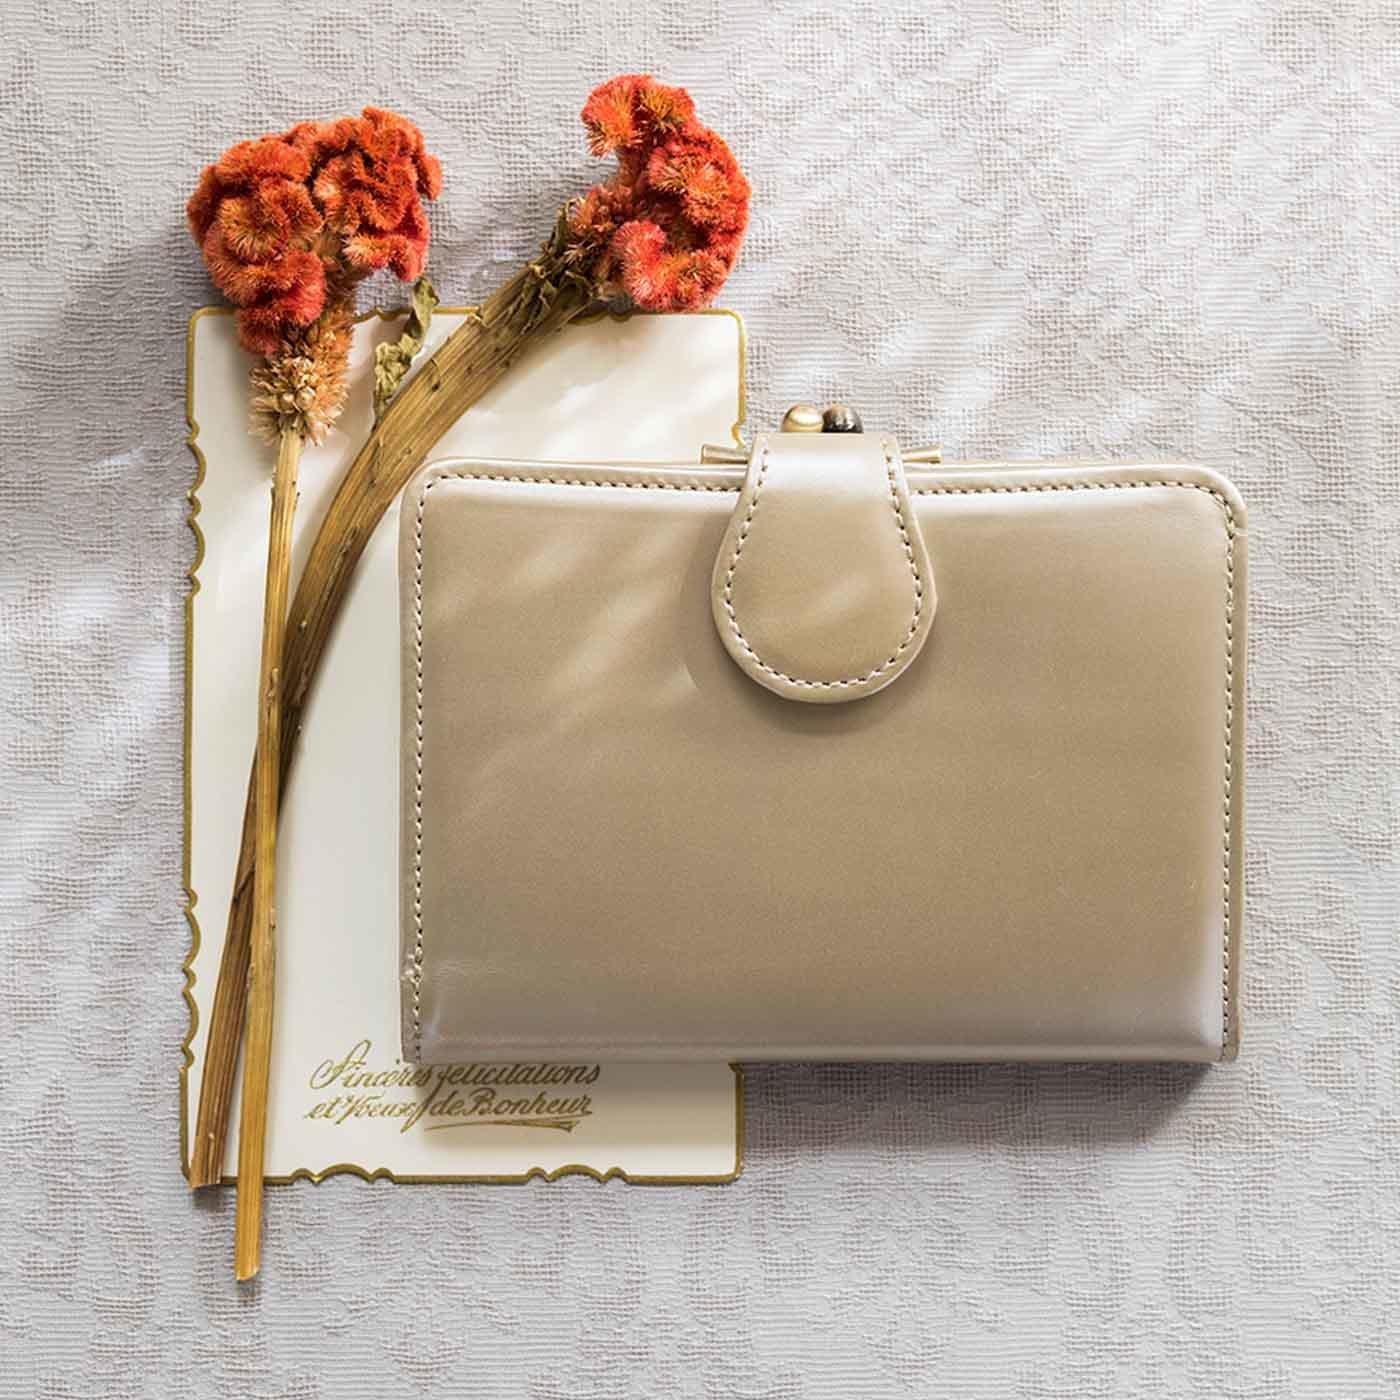 職人が誂(あつら)えた上質本革がま口付き折り財布〈シャンパンゴールド〉[本革 財布:日本製]